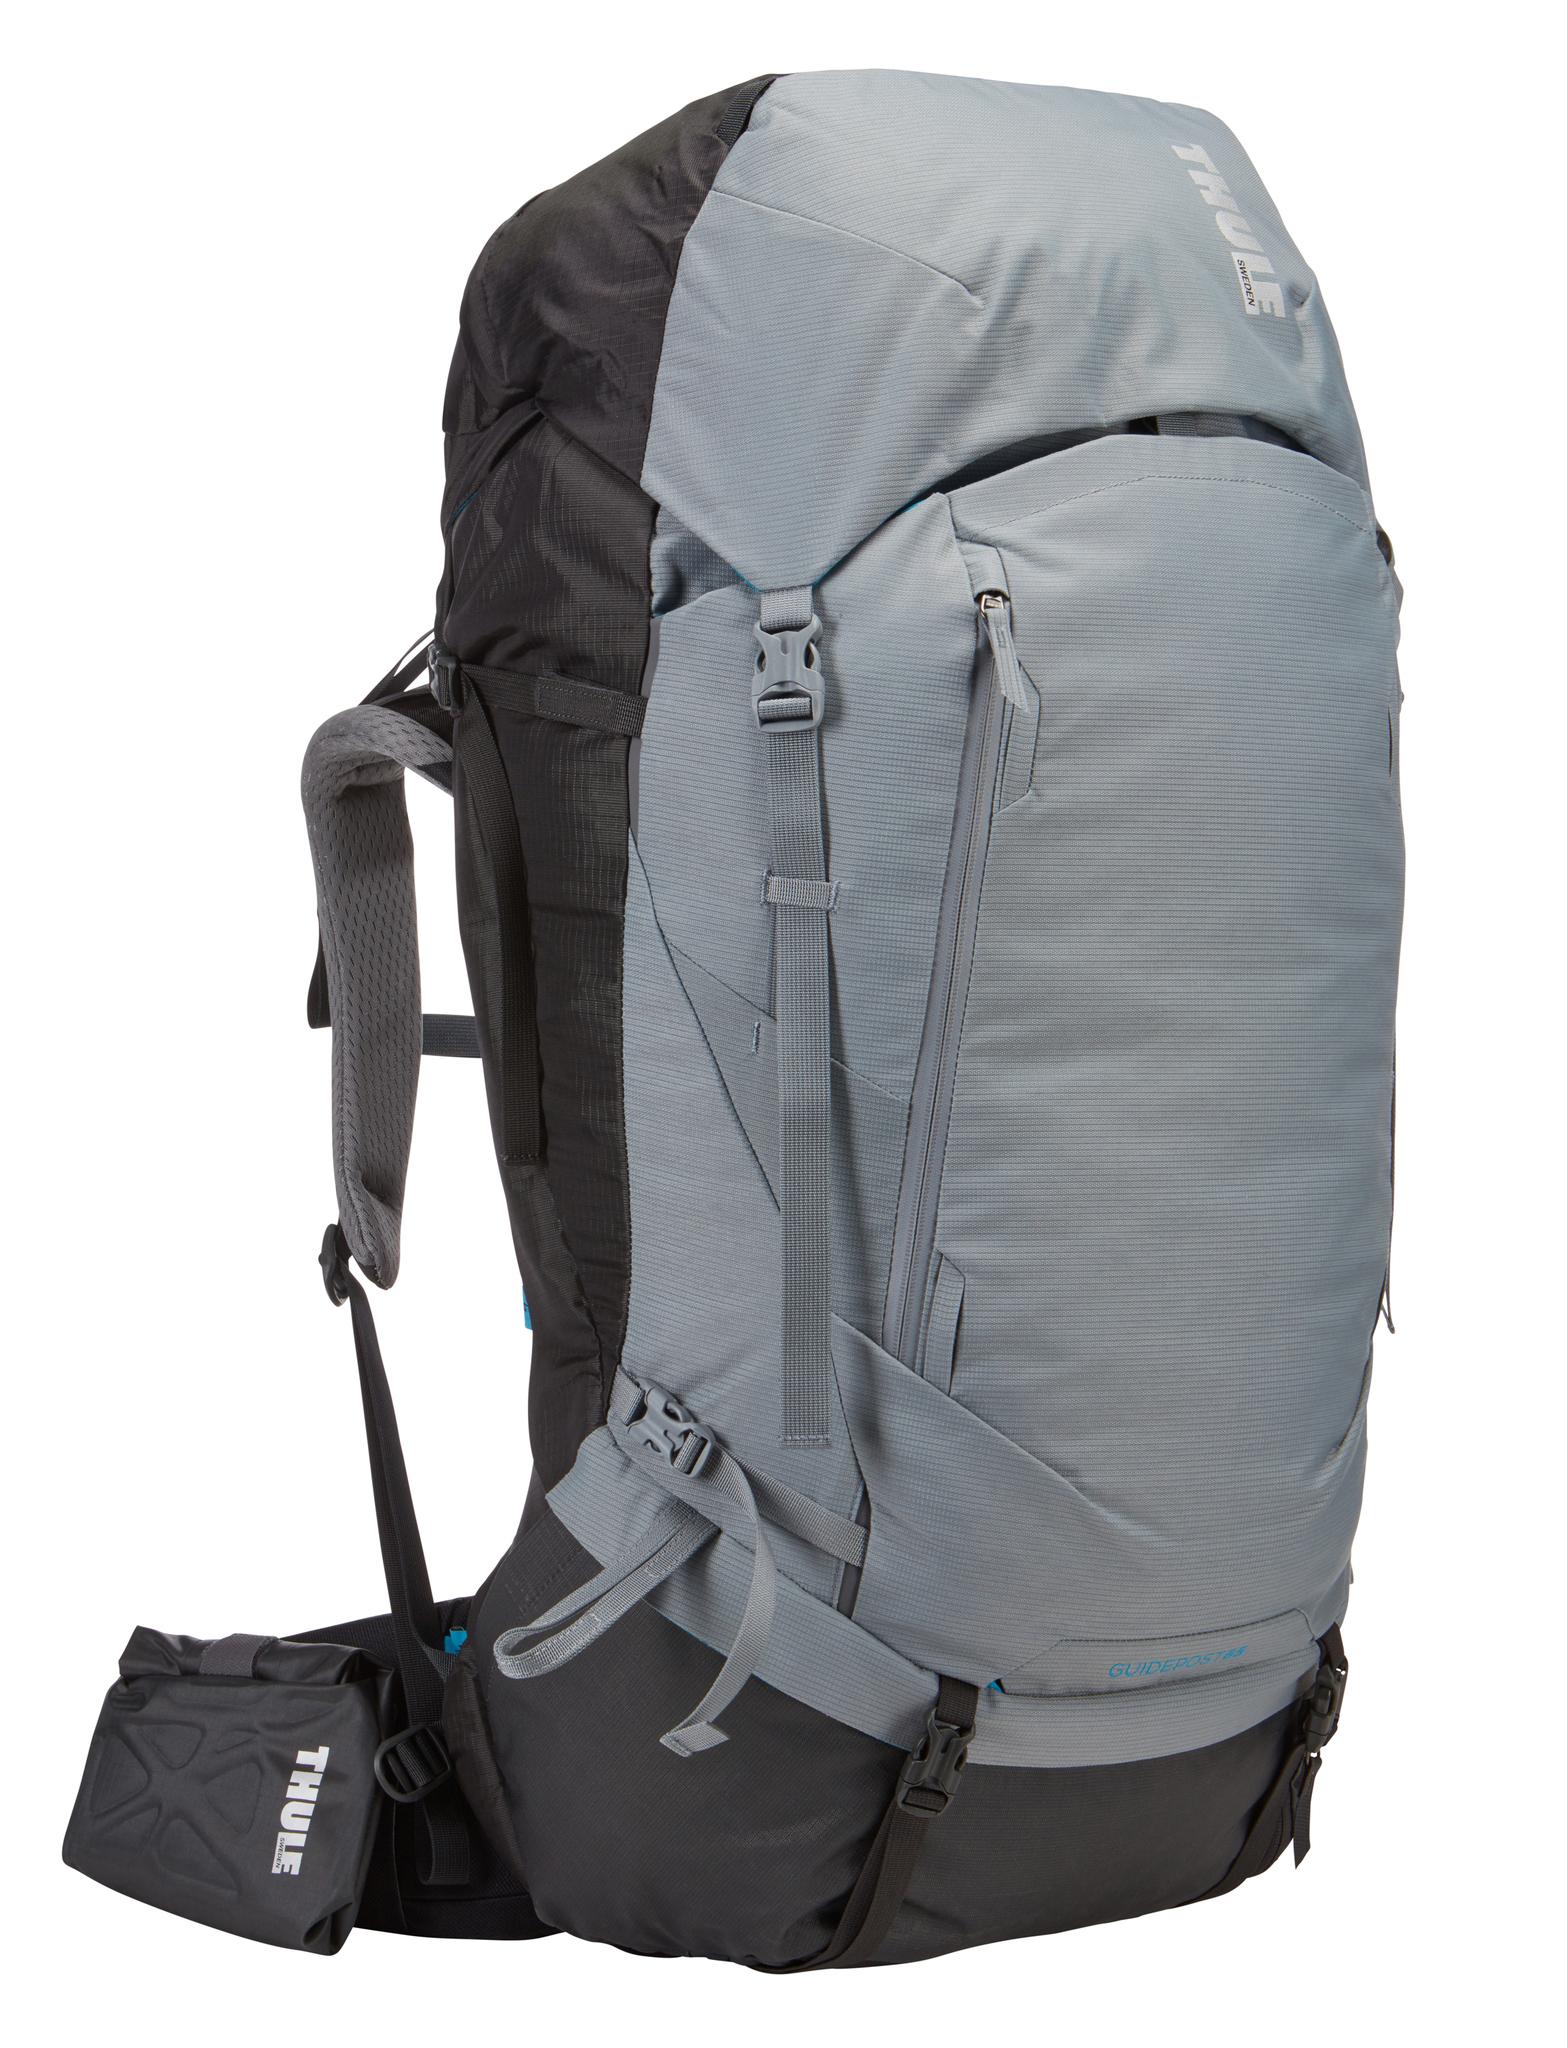 Туристические рюкзаки Thule Рюкзак Thule Guidepost 65L женский 201607136119-4.jpg